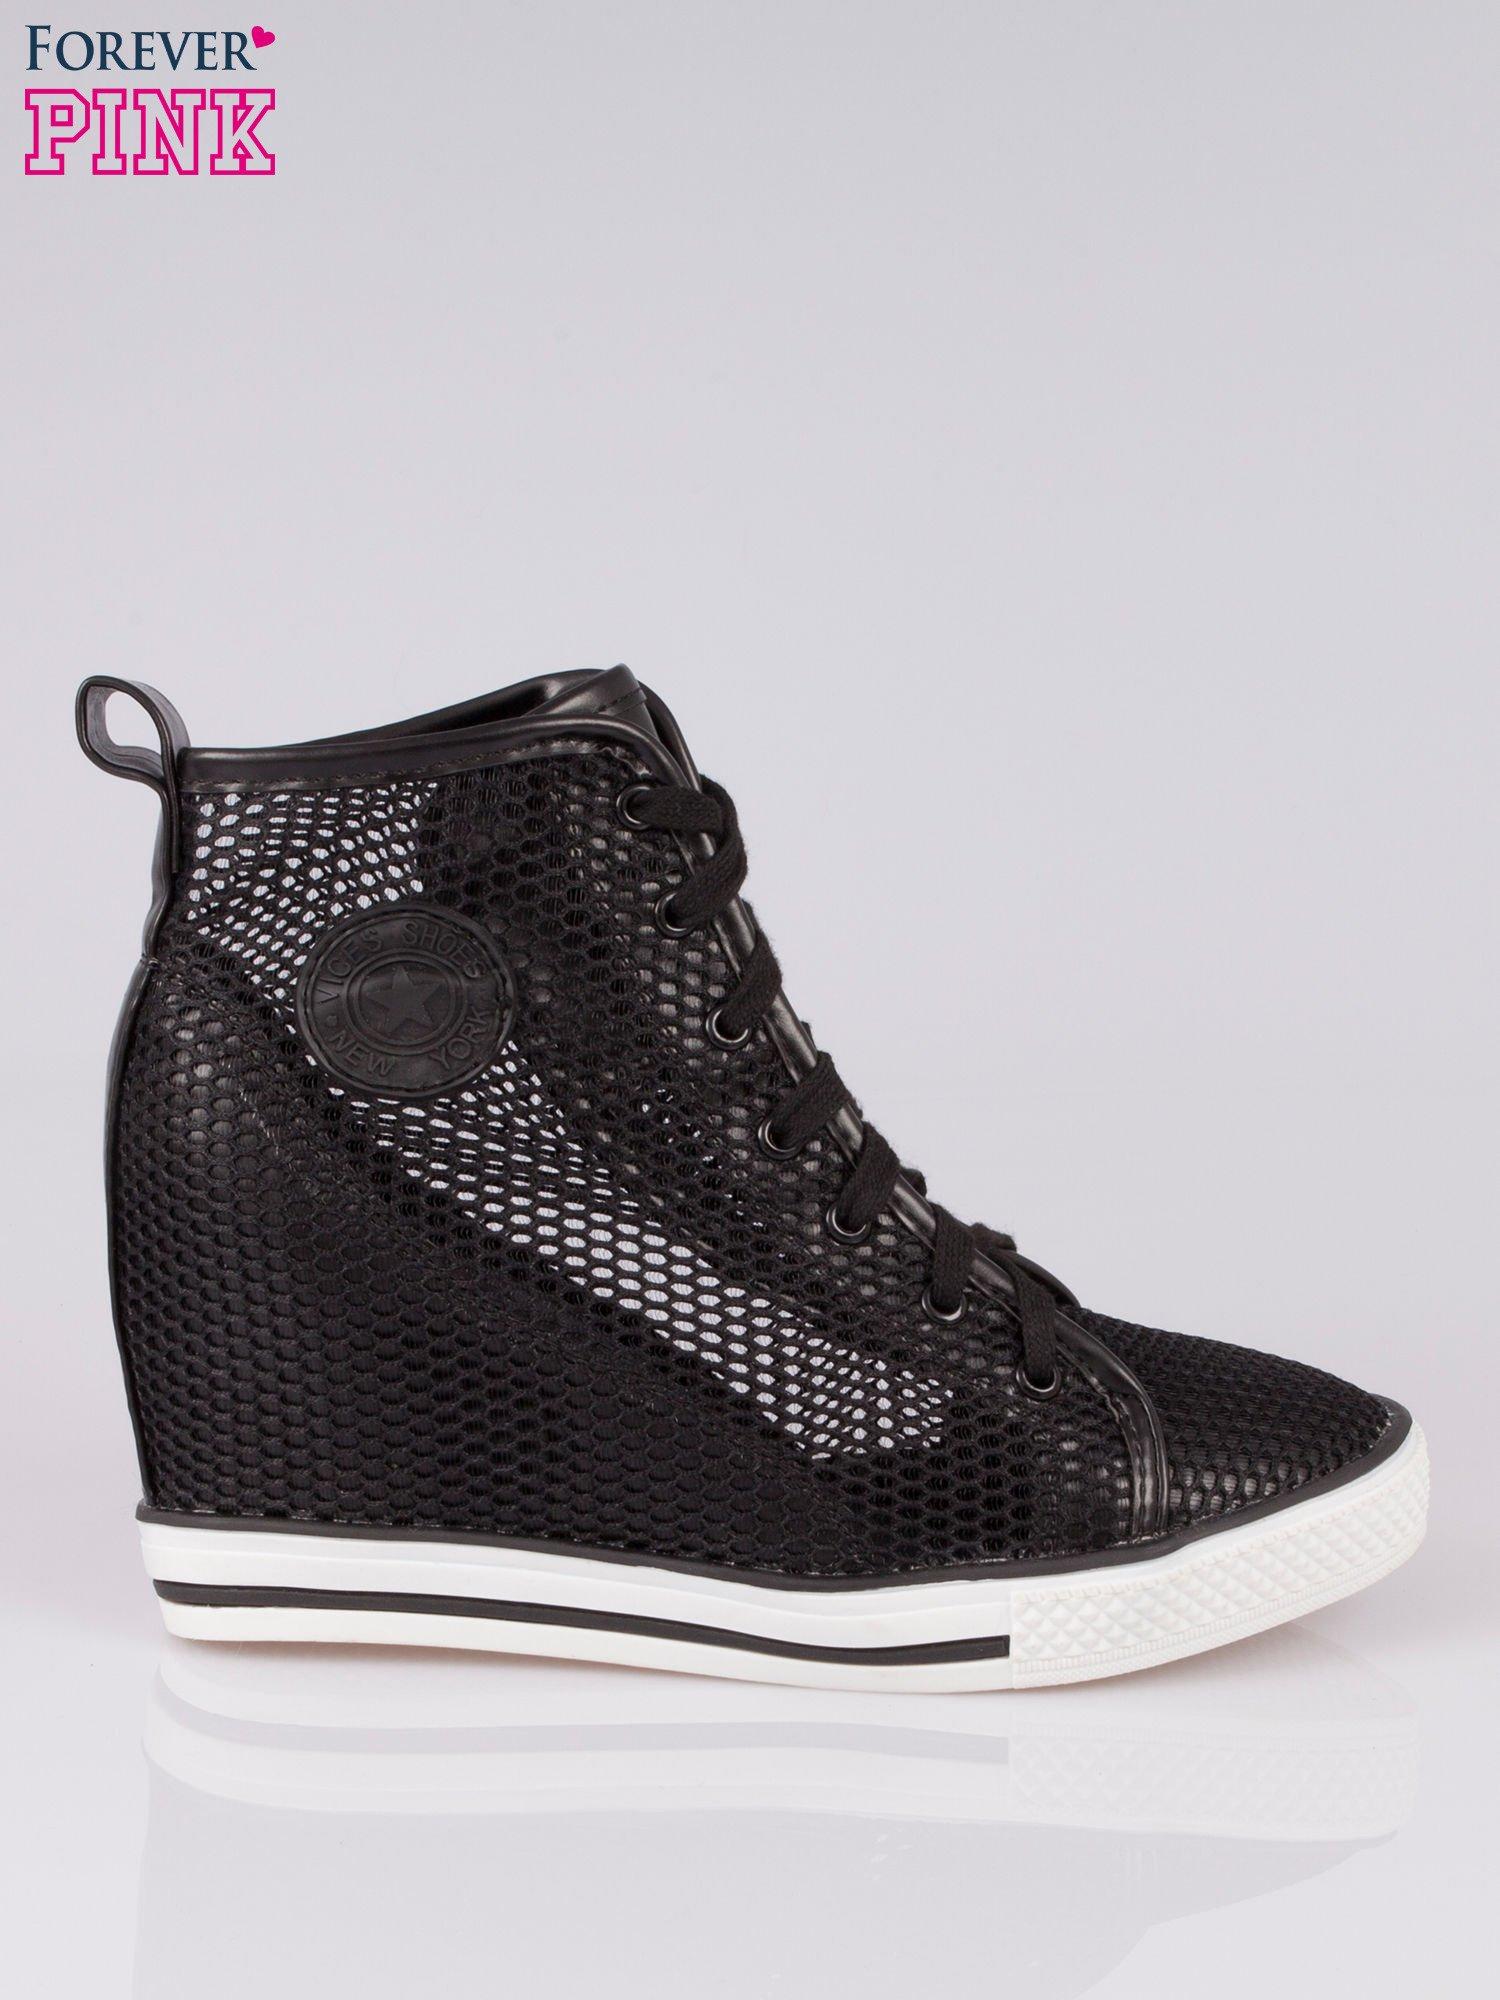 Czarne siateczkowe sneakersy damskie                                  zdj.                                  1